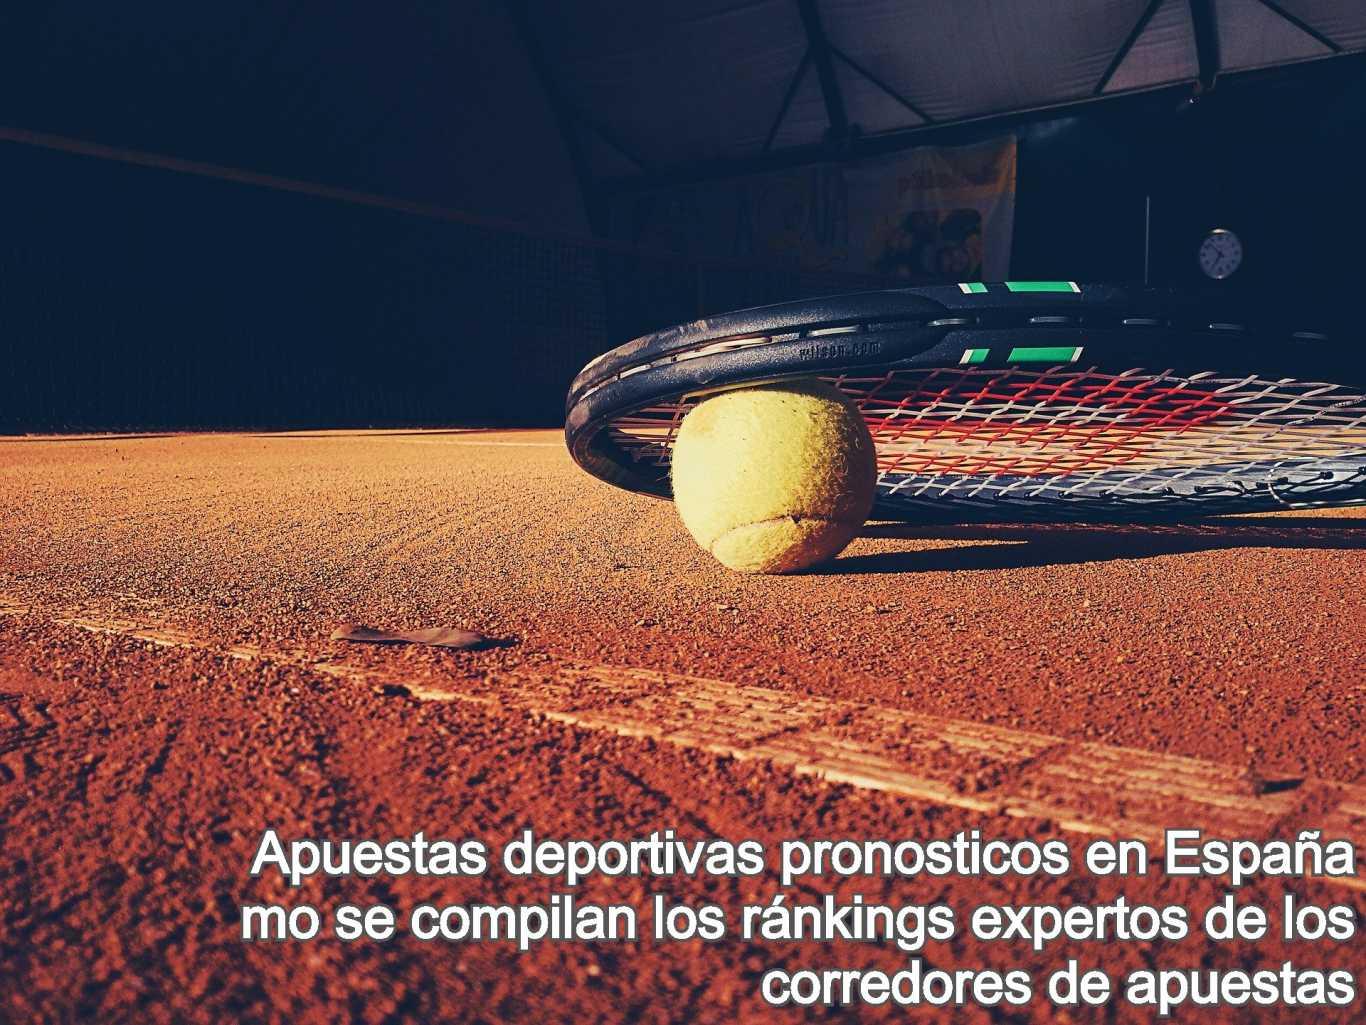 Apuestas deportivas pronosticos en España mo se compilan los ránkings expertos de los corredores de apuestas